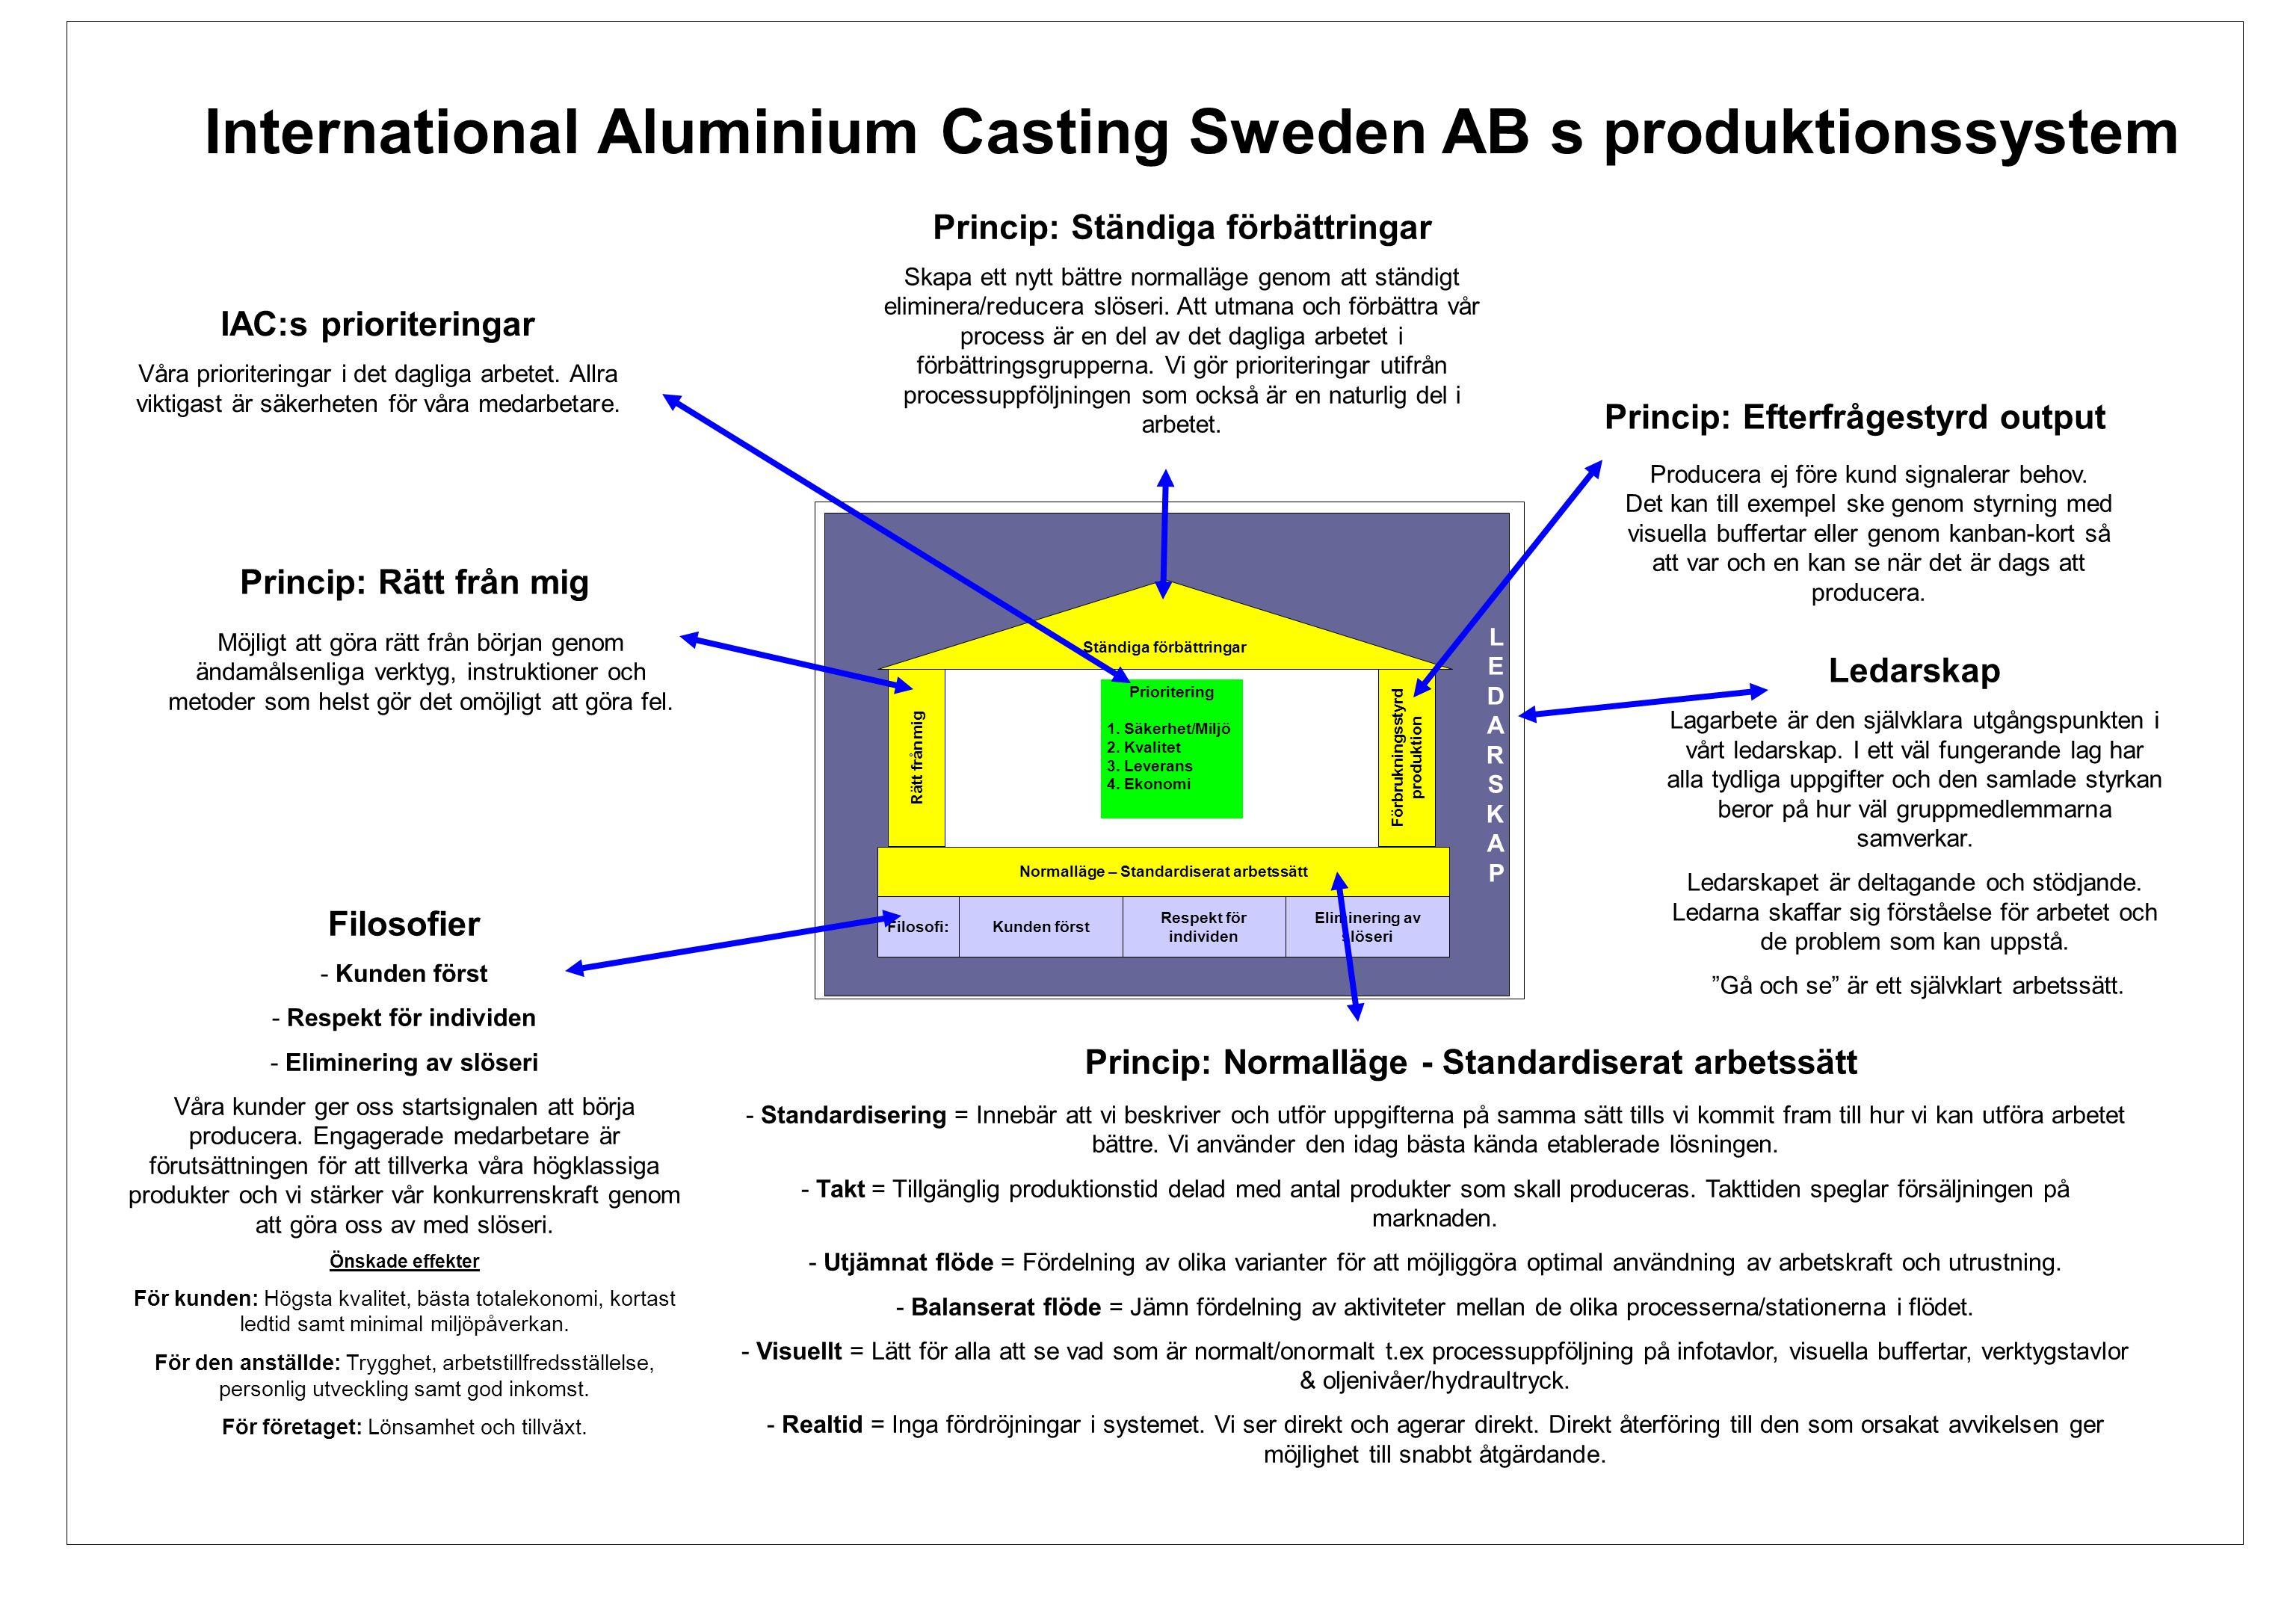 EBÖs produktionssystem LEDARSKAPLEDARSKAP Ständiga förbättringar Rätt från mig Prioritering 1.Säkerhet/Miljö 2.Kvalitet 3.Leverans 4.Ekonomi Förbrukningsstyrd produktion Normalläge – Standardiserat arbetssätt Filosofi:Kunden först Respekt för individen Eliminering av slöseri International Aluminium Casting Sweden AB s produktionssystem Princip: Normalläge - Standardiserat arbetssätt Princip: Ständiga förbättringar Princip: Rätt från mig Princip: Efterfrågestyrd output - Standardisering = Innebär att vi beskriver och utför uppgifterna på samma sätt tills vi kommit fram till hur vi kan utföra arbetet bättre.